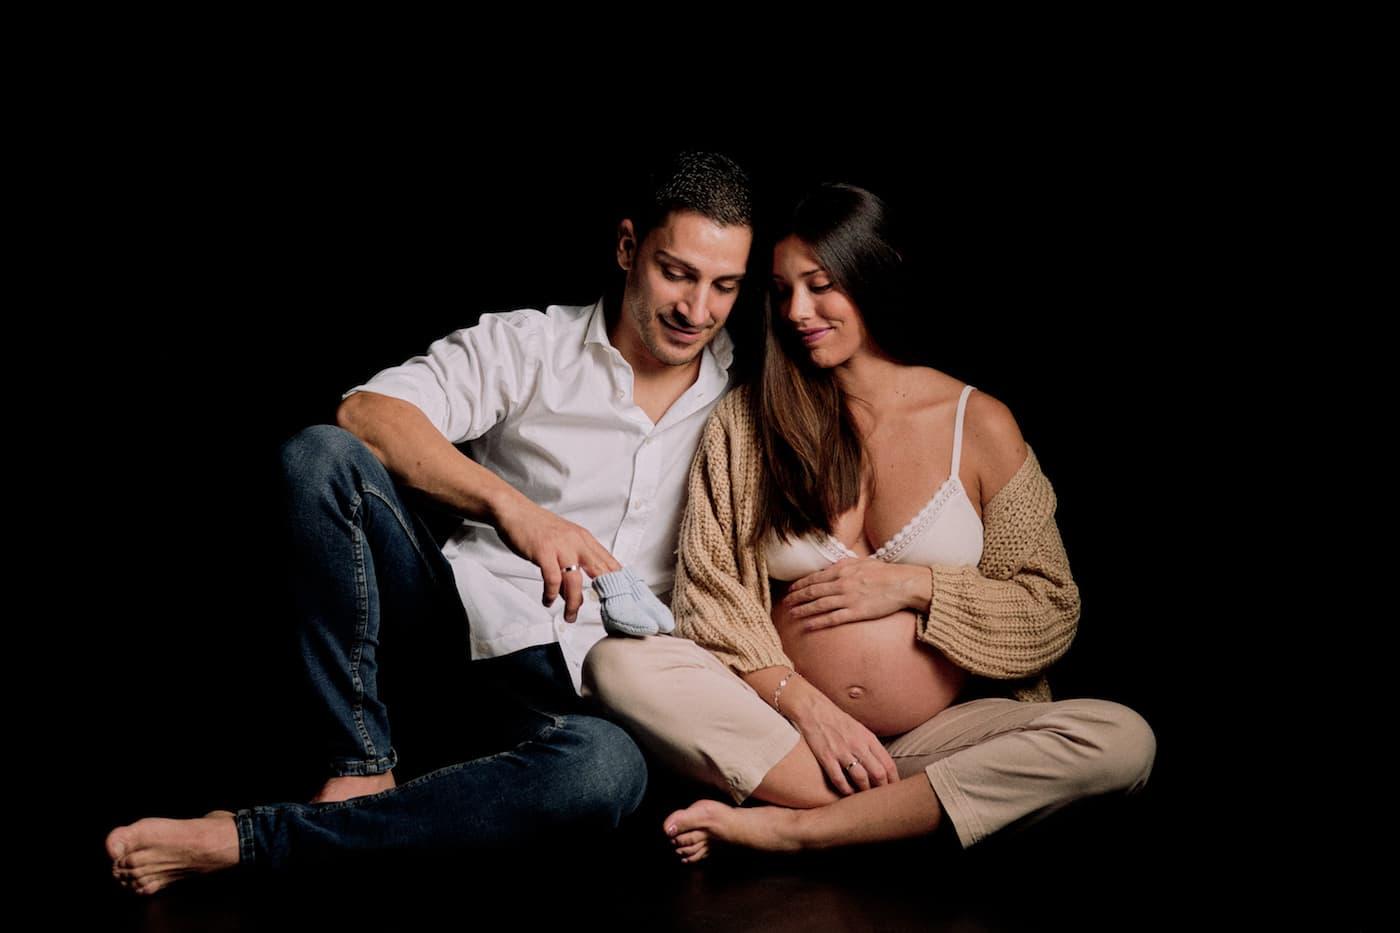 sesion-embarazo-fotografo-ecija-primeras-sonrisas